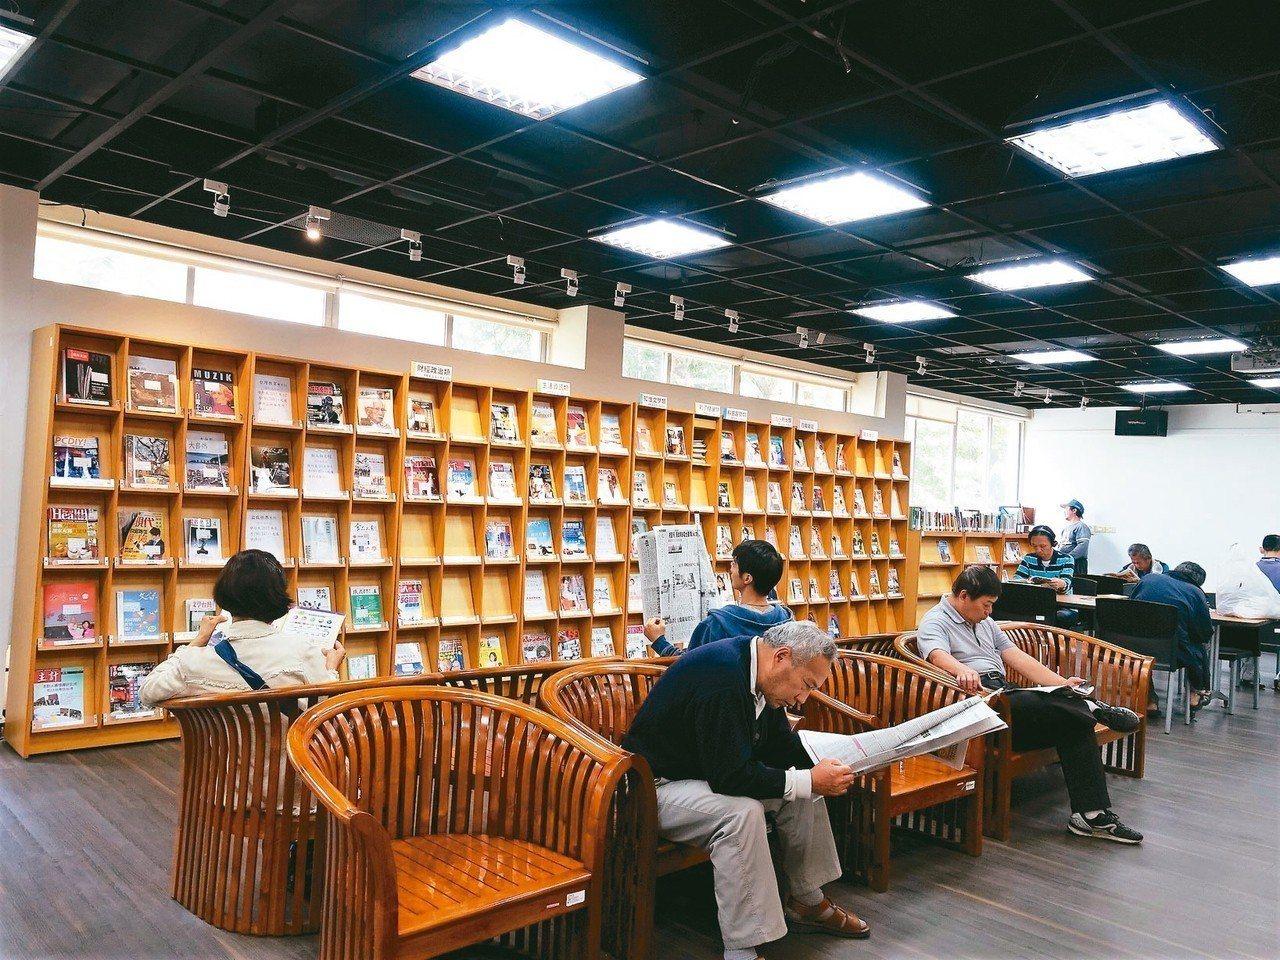 屏東縣有多達36個鄉鎮圖書館,還有縣立圖書館,圖書館數量雖多,但基層圖書館的買書...